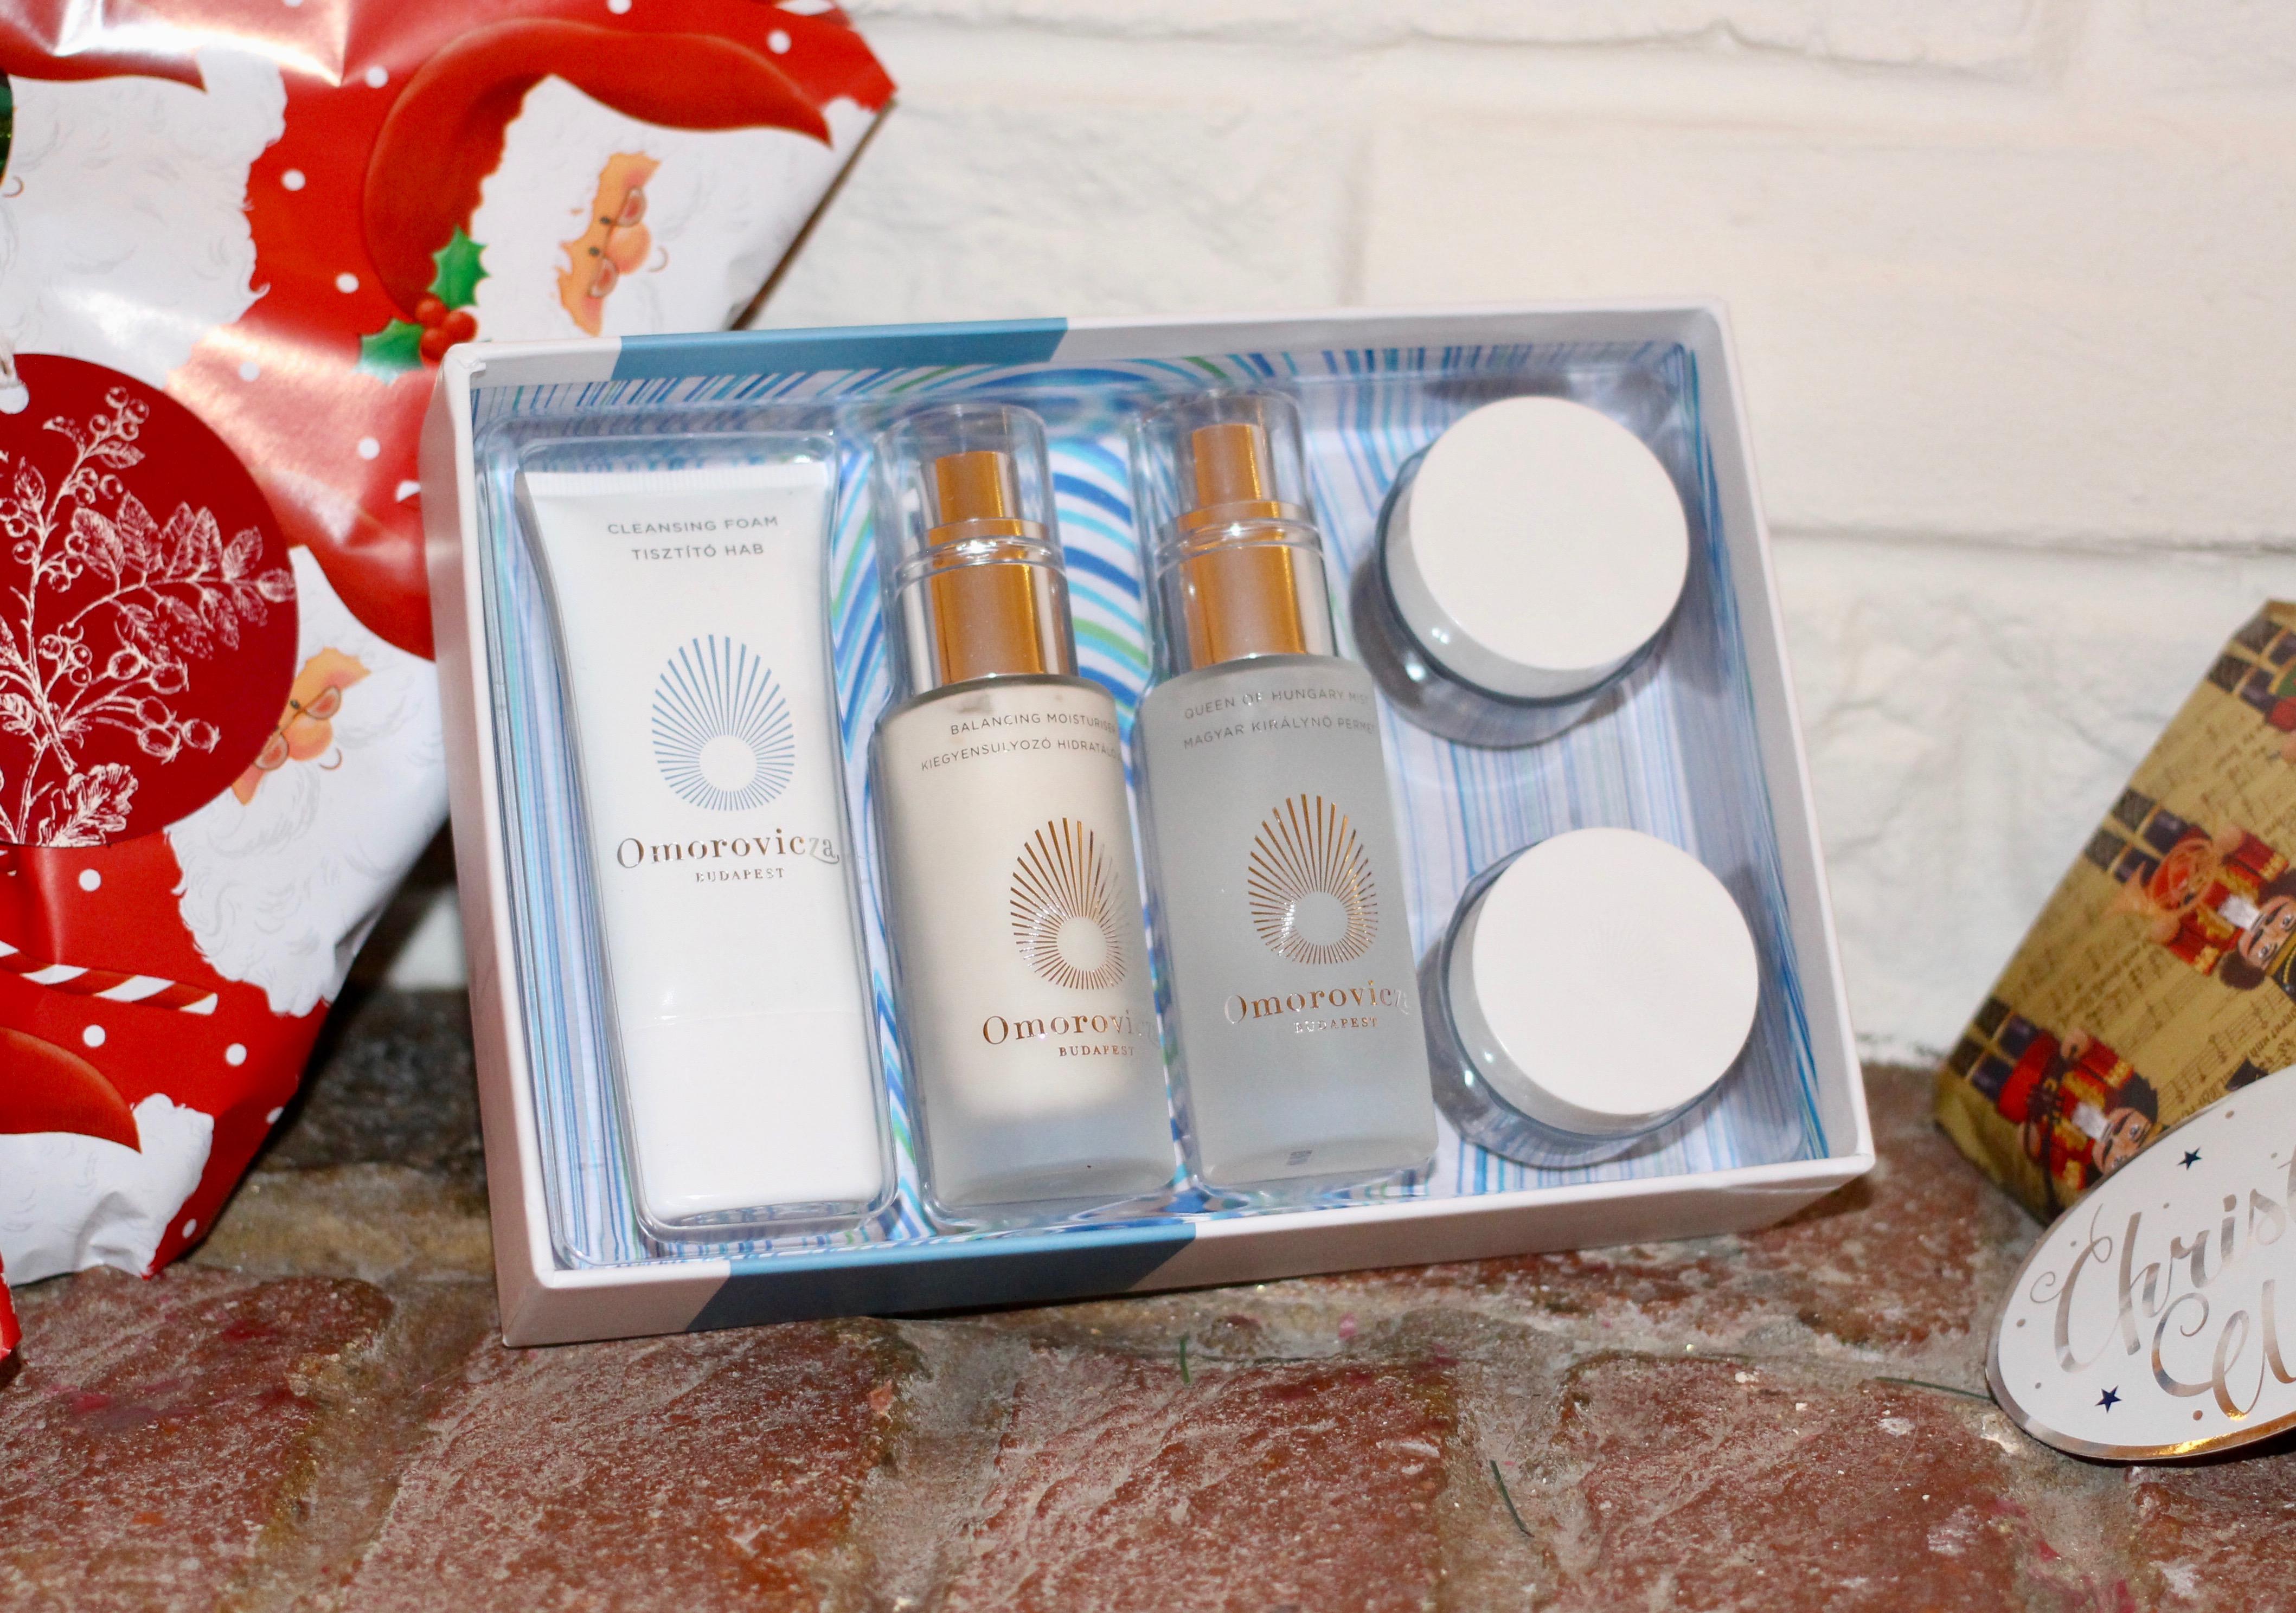 Omorovicza Gift Set